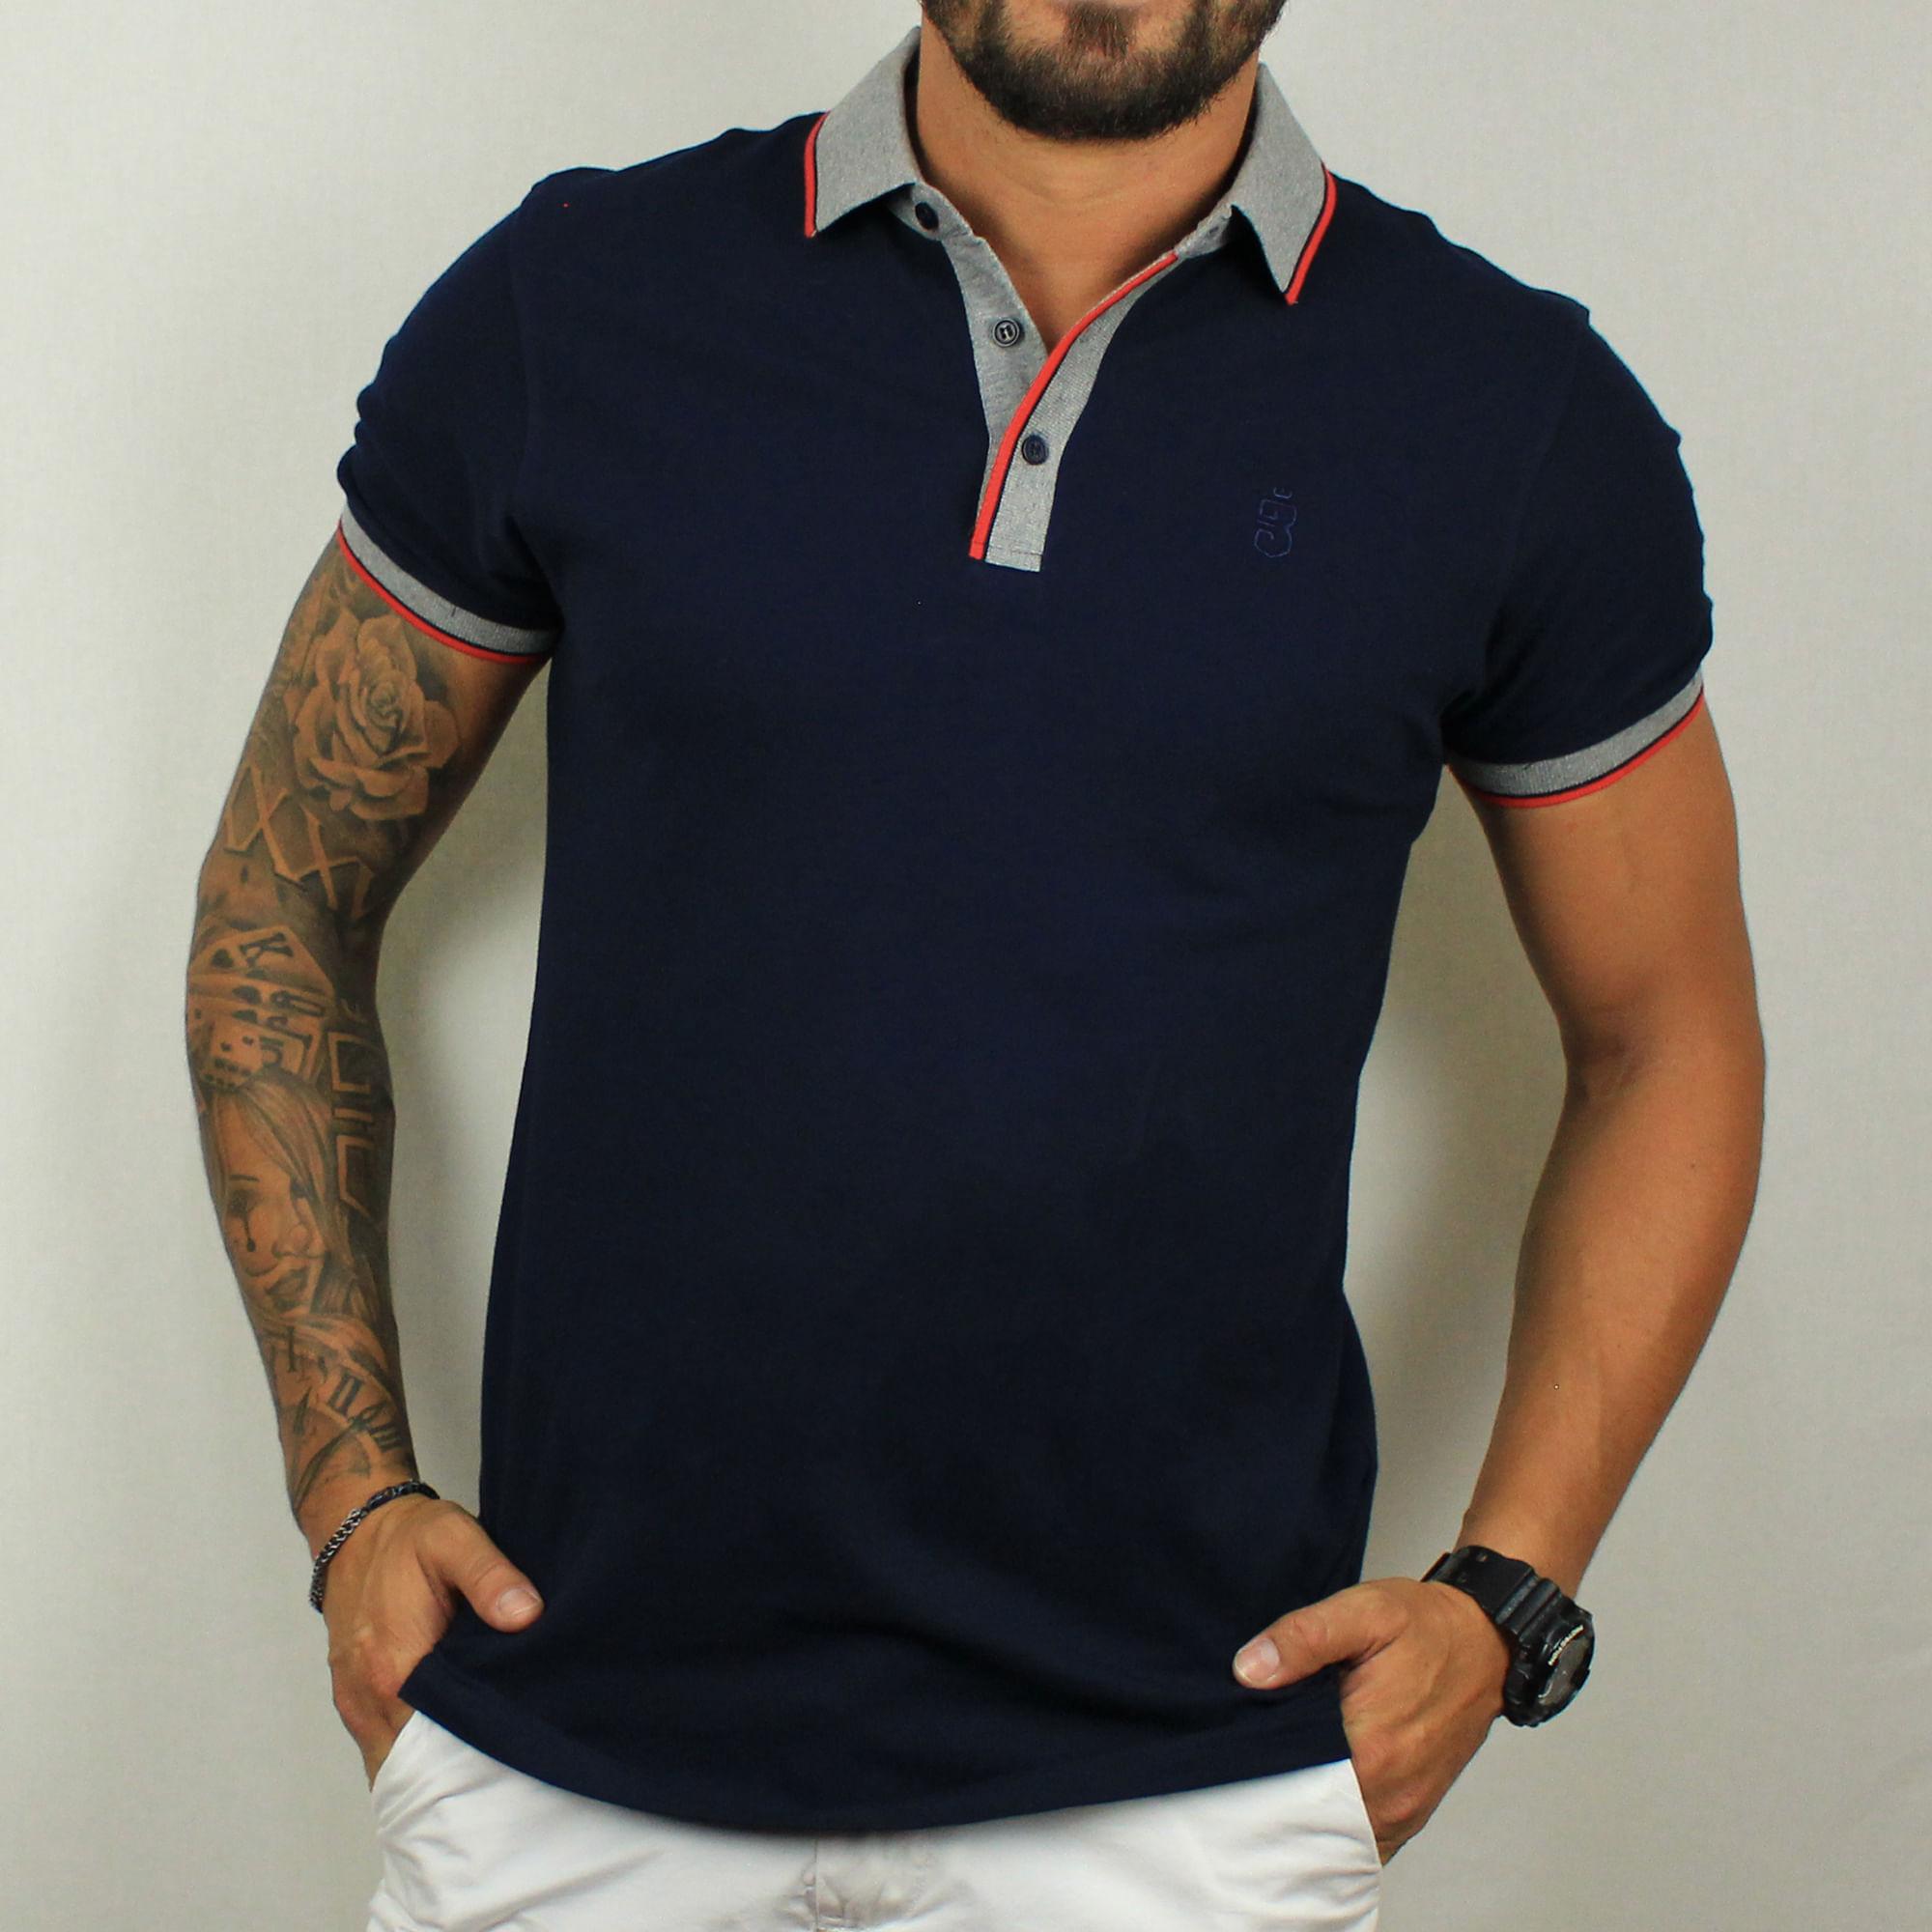 8f35f0004c Camisa Polo Azul 252  Camisa Polo Azul 252. Lista de Desejos. usebora ·  Roupas · Camisetas